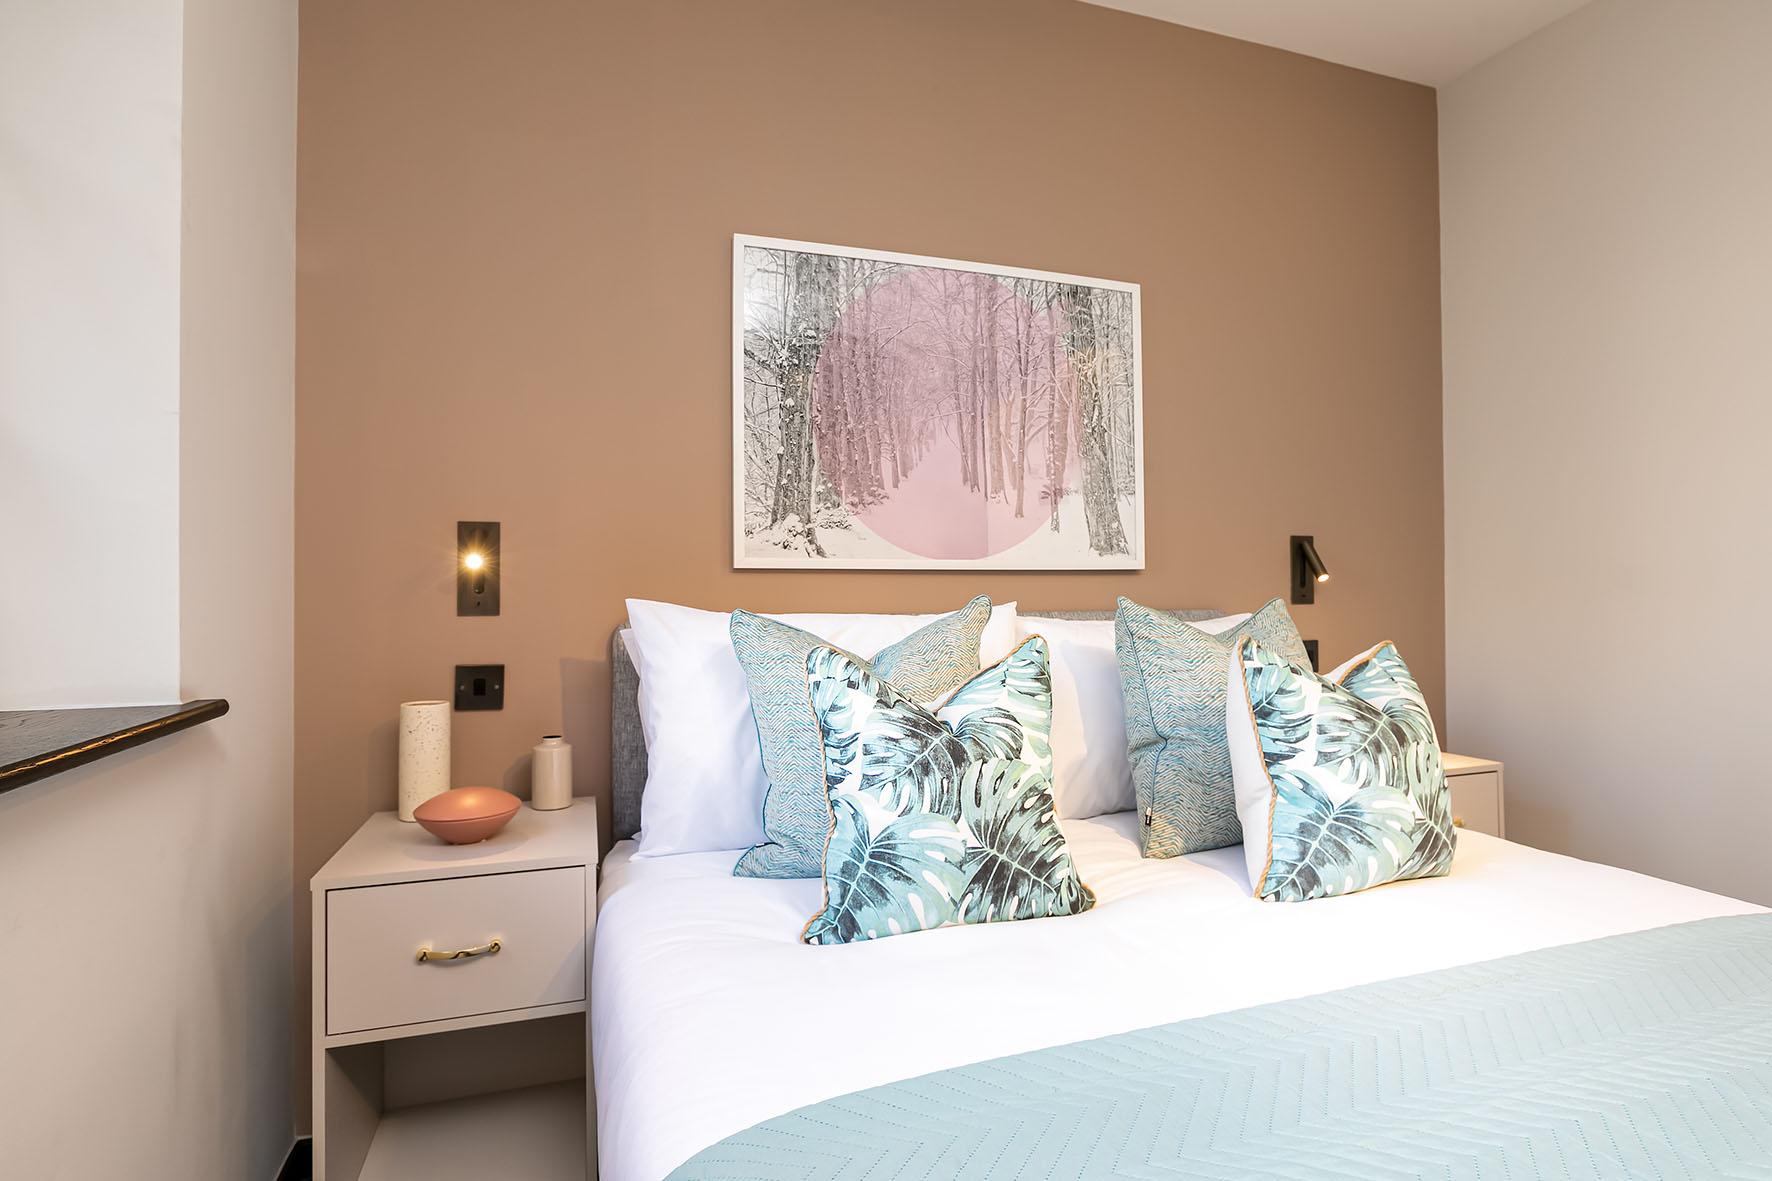 Lovelydays luxury service apartment rental - London - Soho - Oxford Street V - Lovelysuite - 1 bedrooms - 1 bathrooms - Queen bed - e99a090e814d - Lovelydays